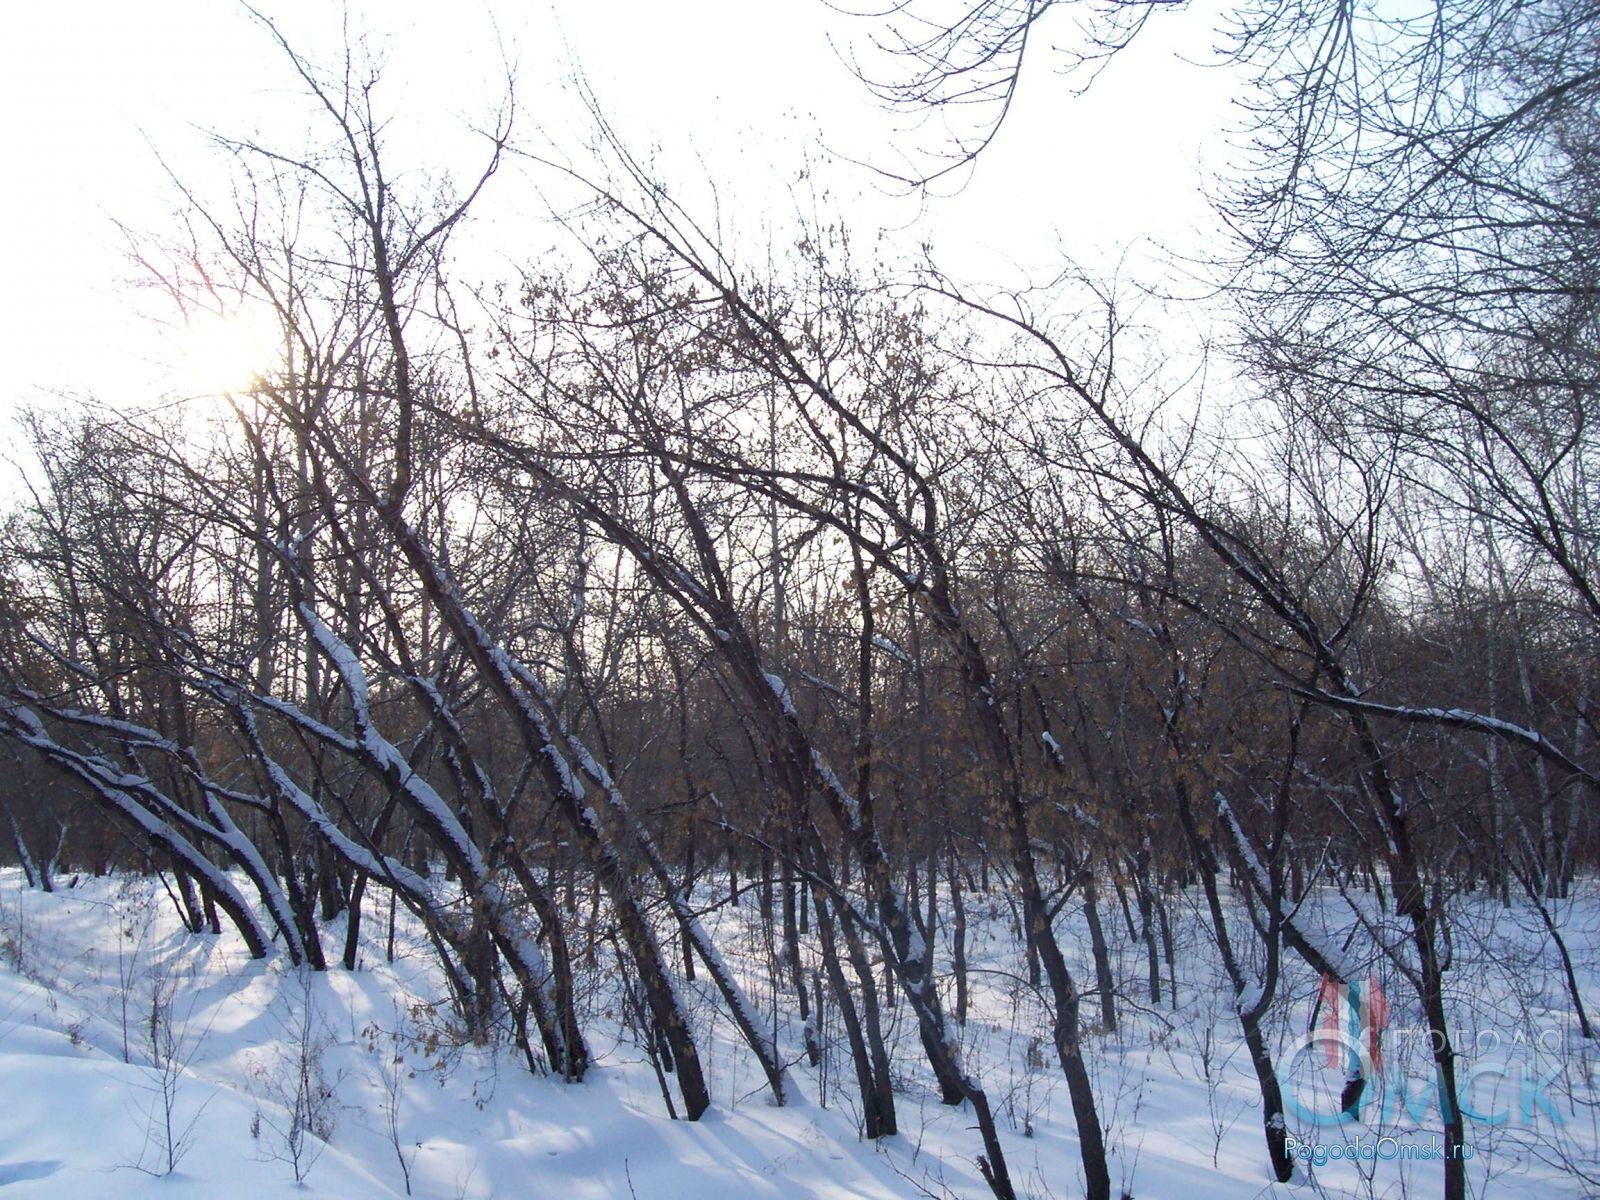 Деревья выгнулись к солнцу